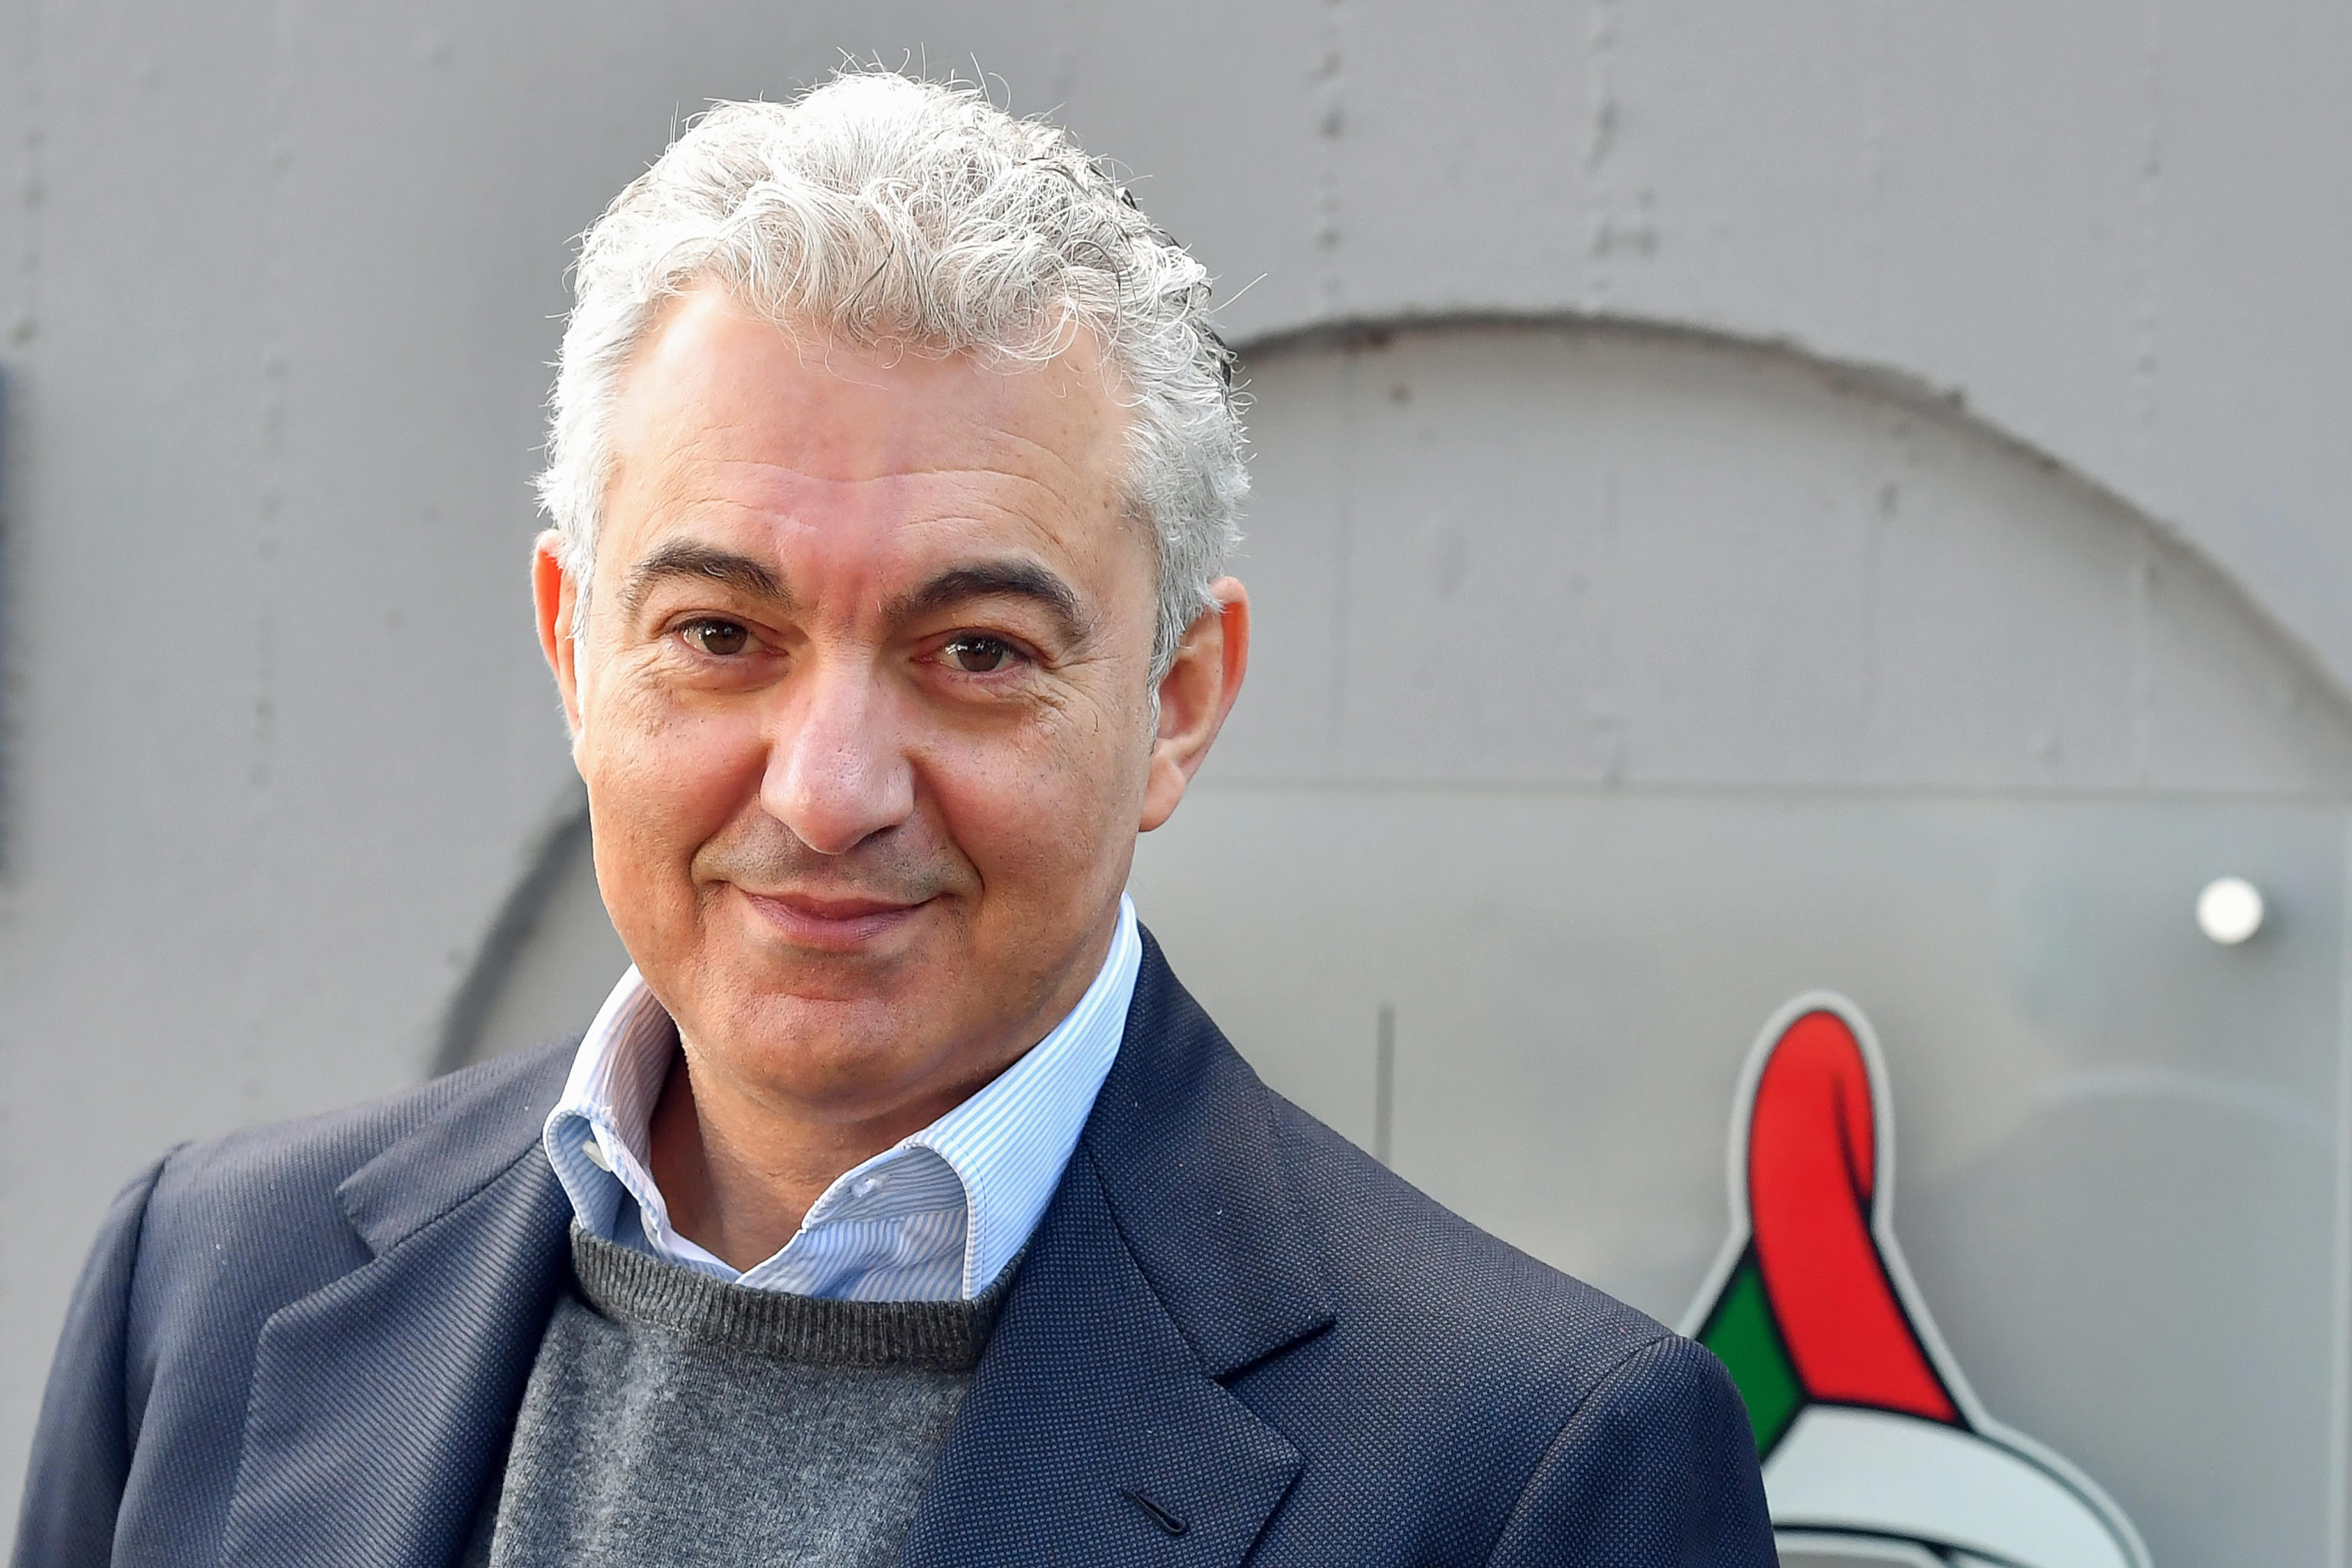 Il commissario sull'emergenza Coronavirus, Domenico Arcuri, risponde ad alcune domande dei giornisti, davanti al dipartimento di Portezione Civile, Roma 24 marzo 2020.  ANSA/ALESSANDRO DI MEO